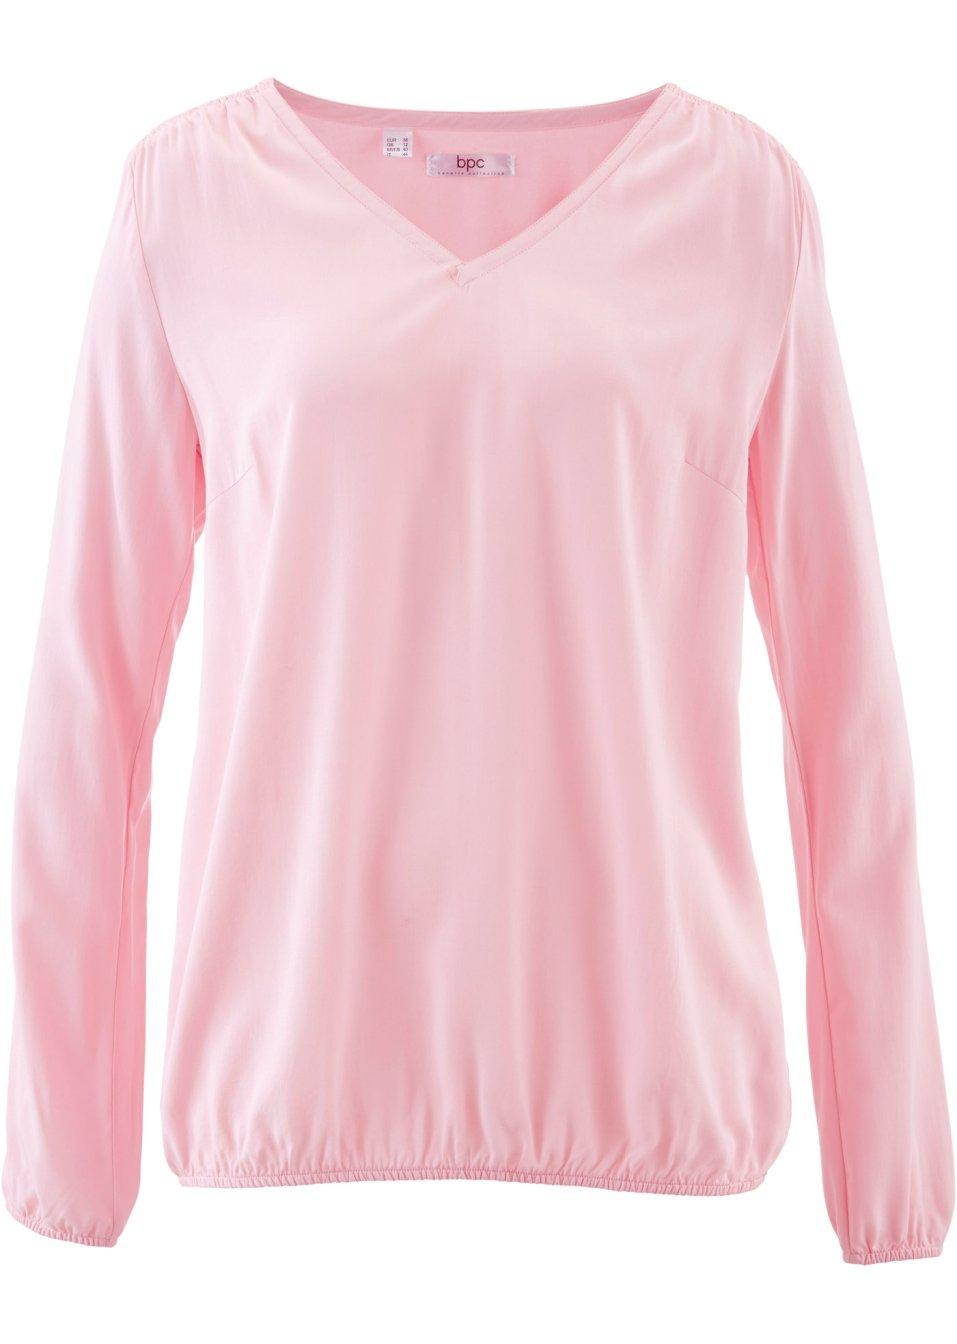 blouse manches longues rose poudr femme bpc bonprix collection. Black Bedroom Furniture Sets. Home Design Ideas